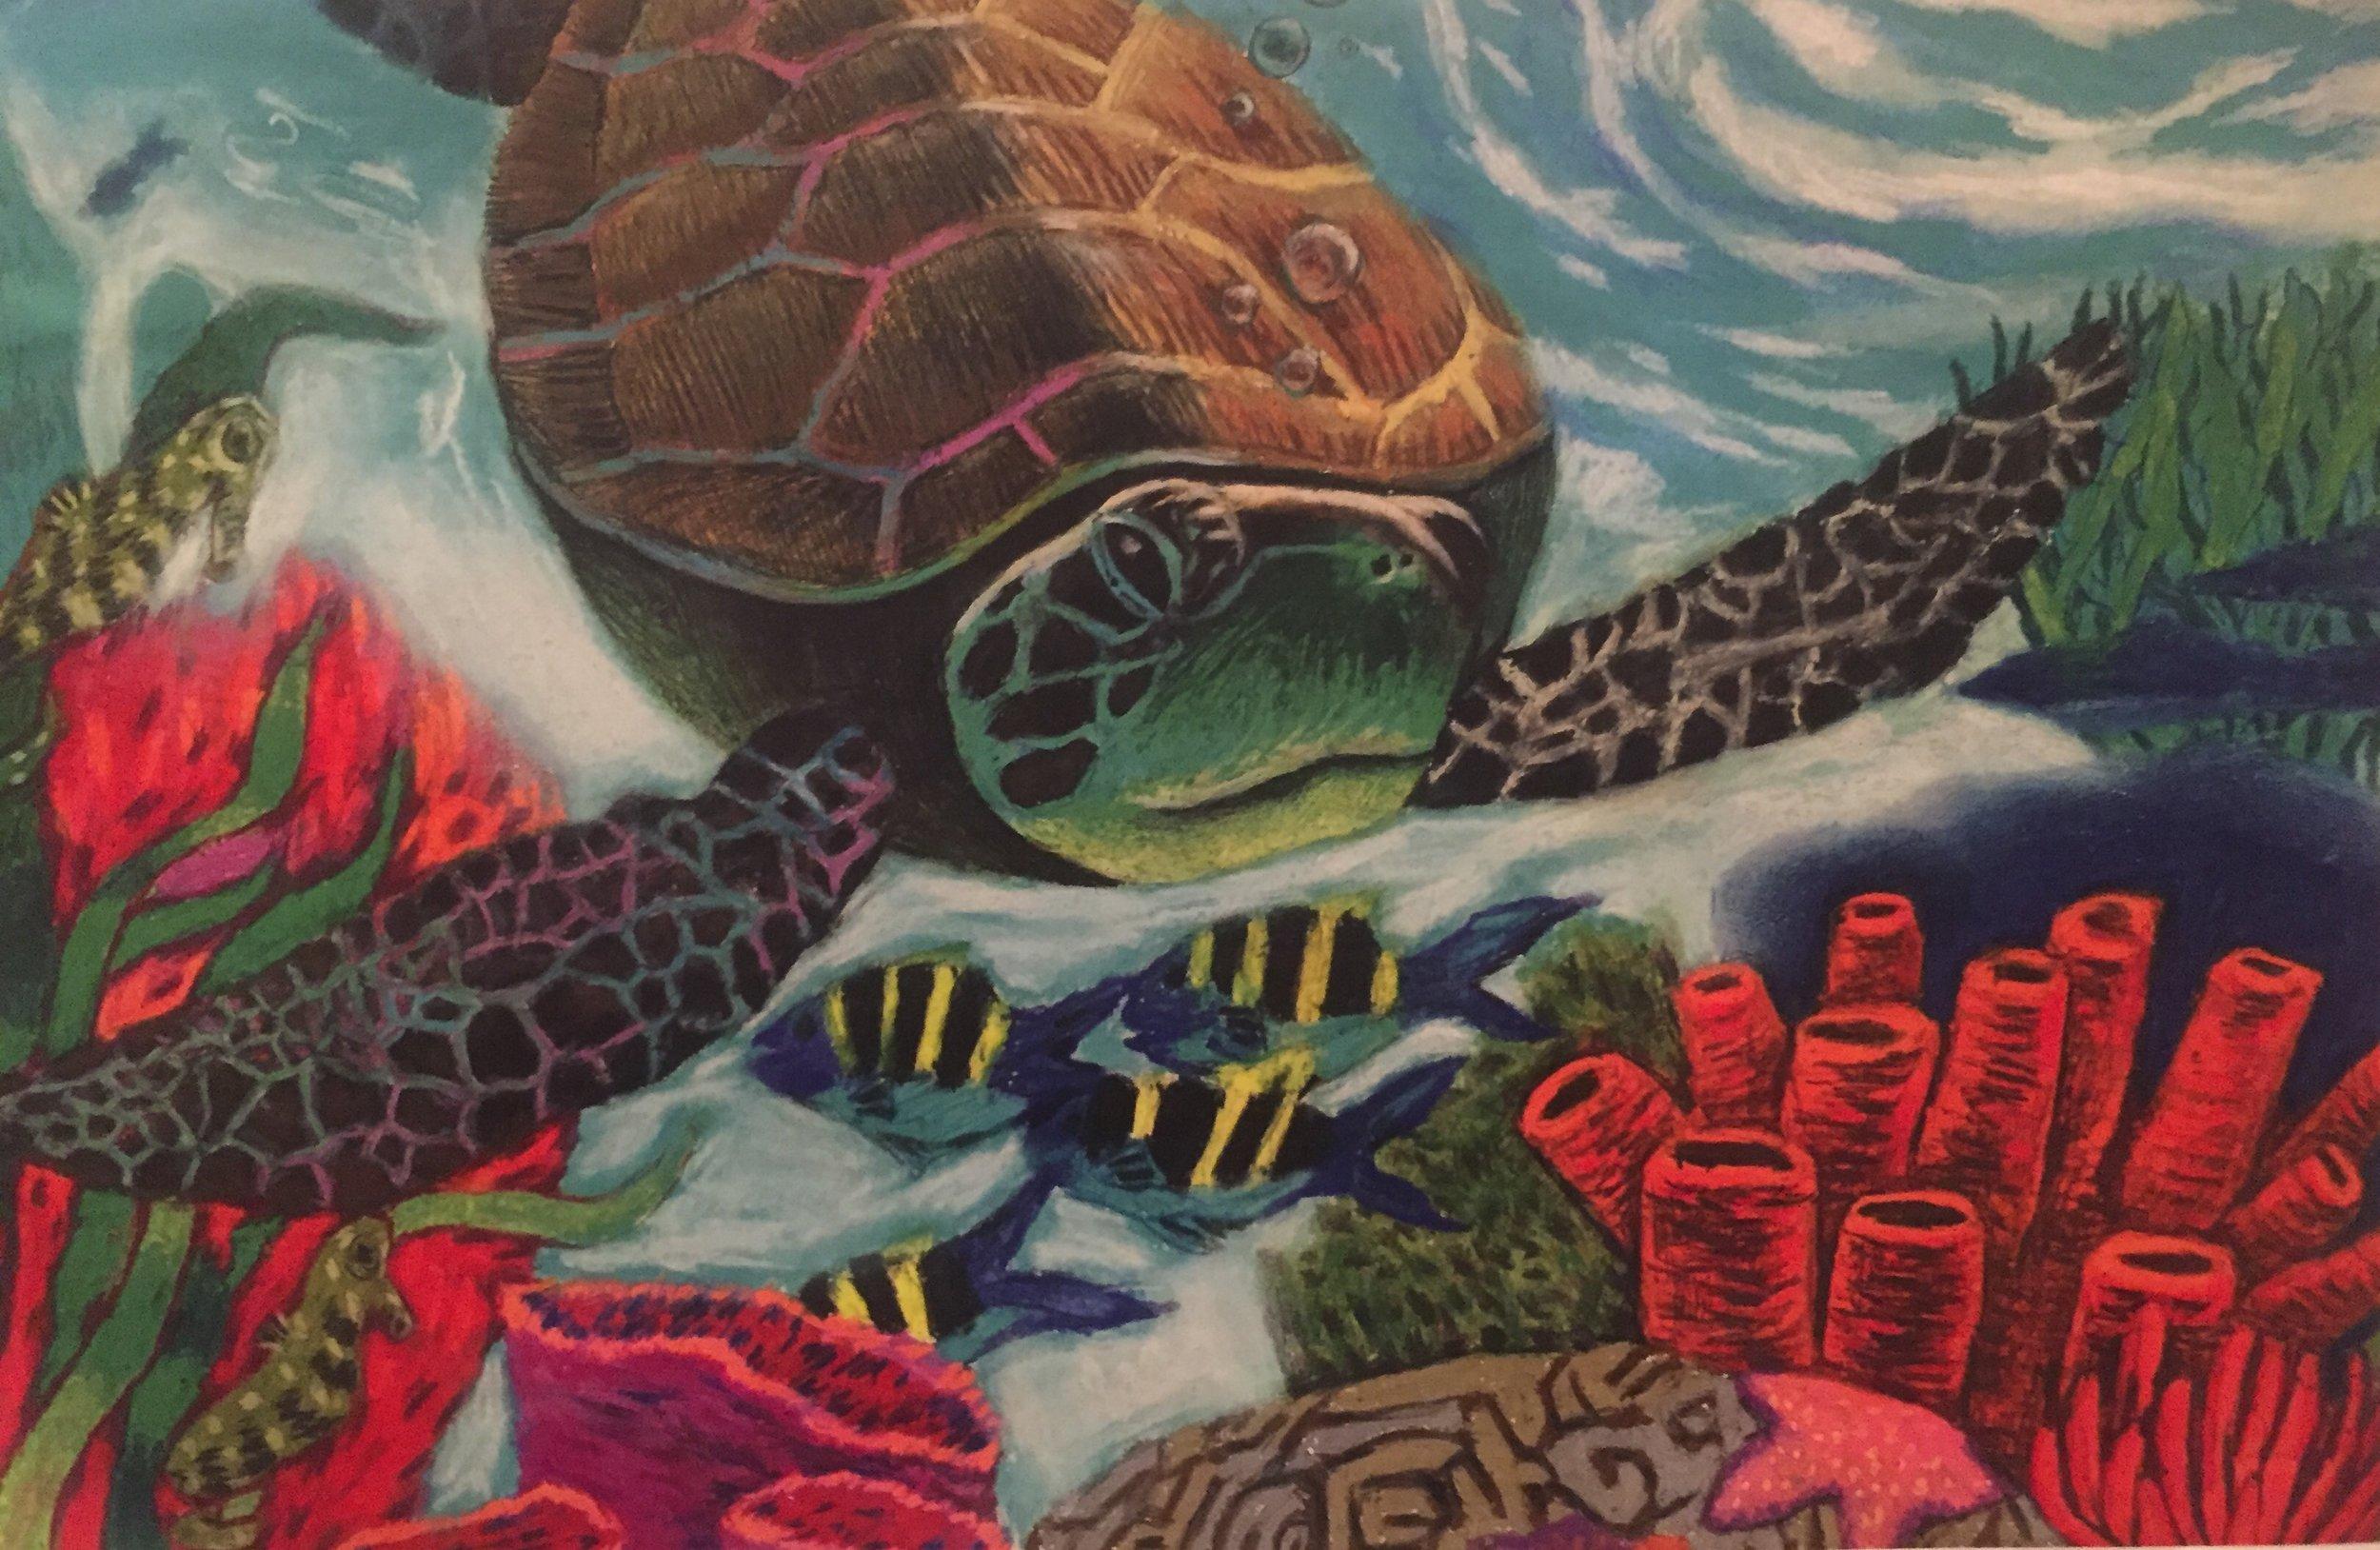 Underwater Turtle, Oil Pastels